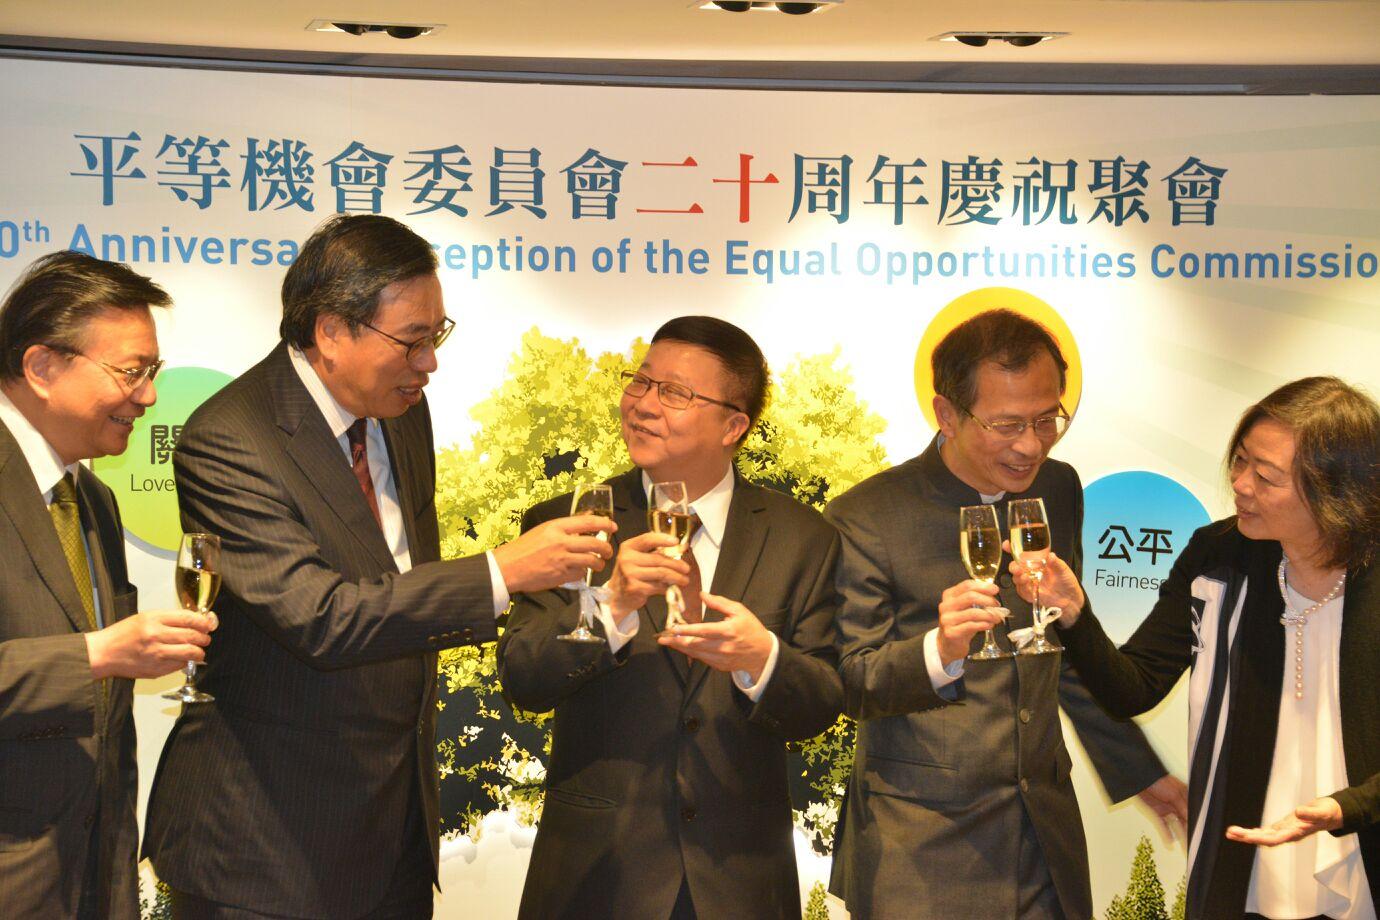 平機會成立20周年聚會,多名政府高官出席。